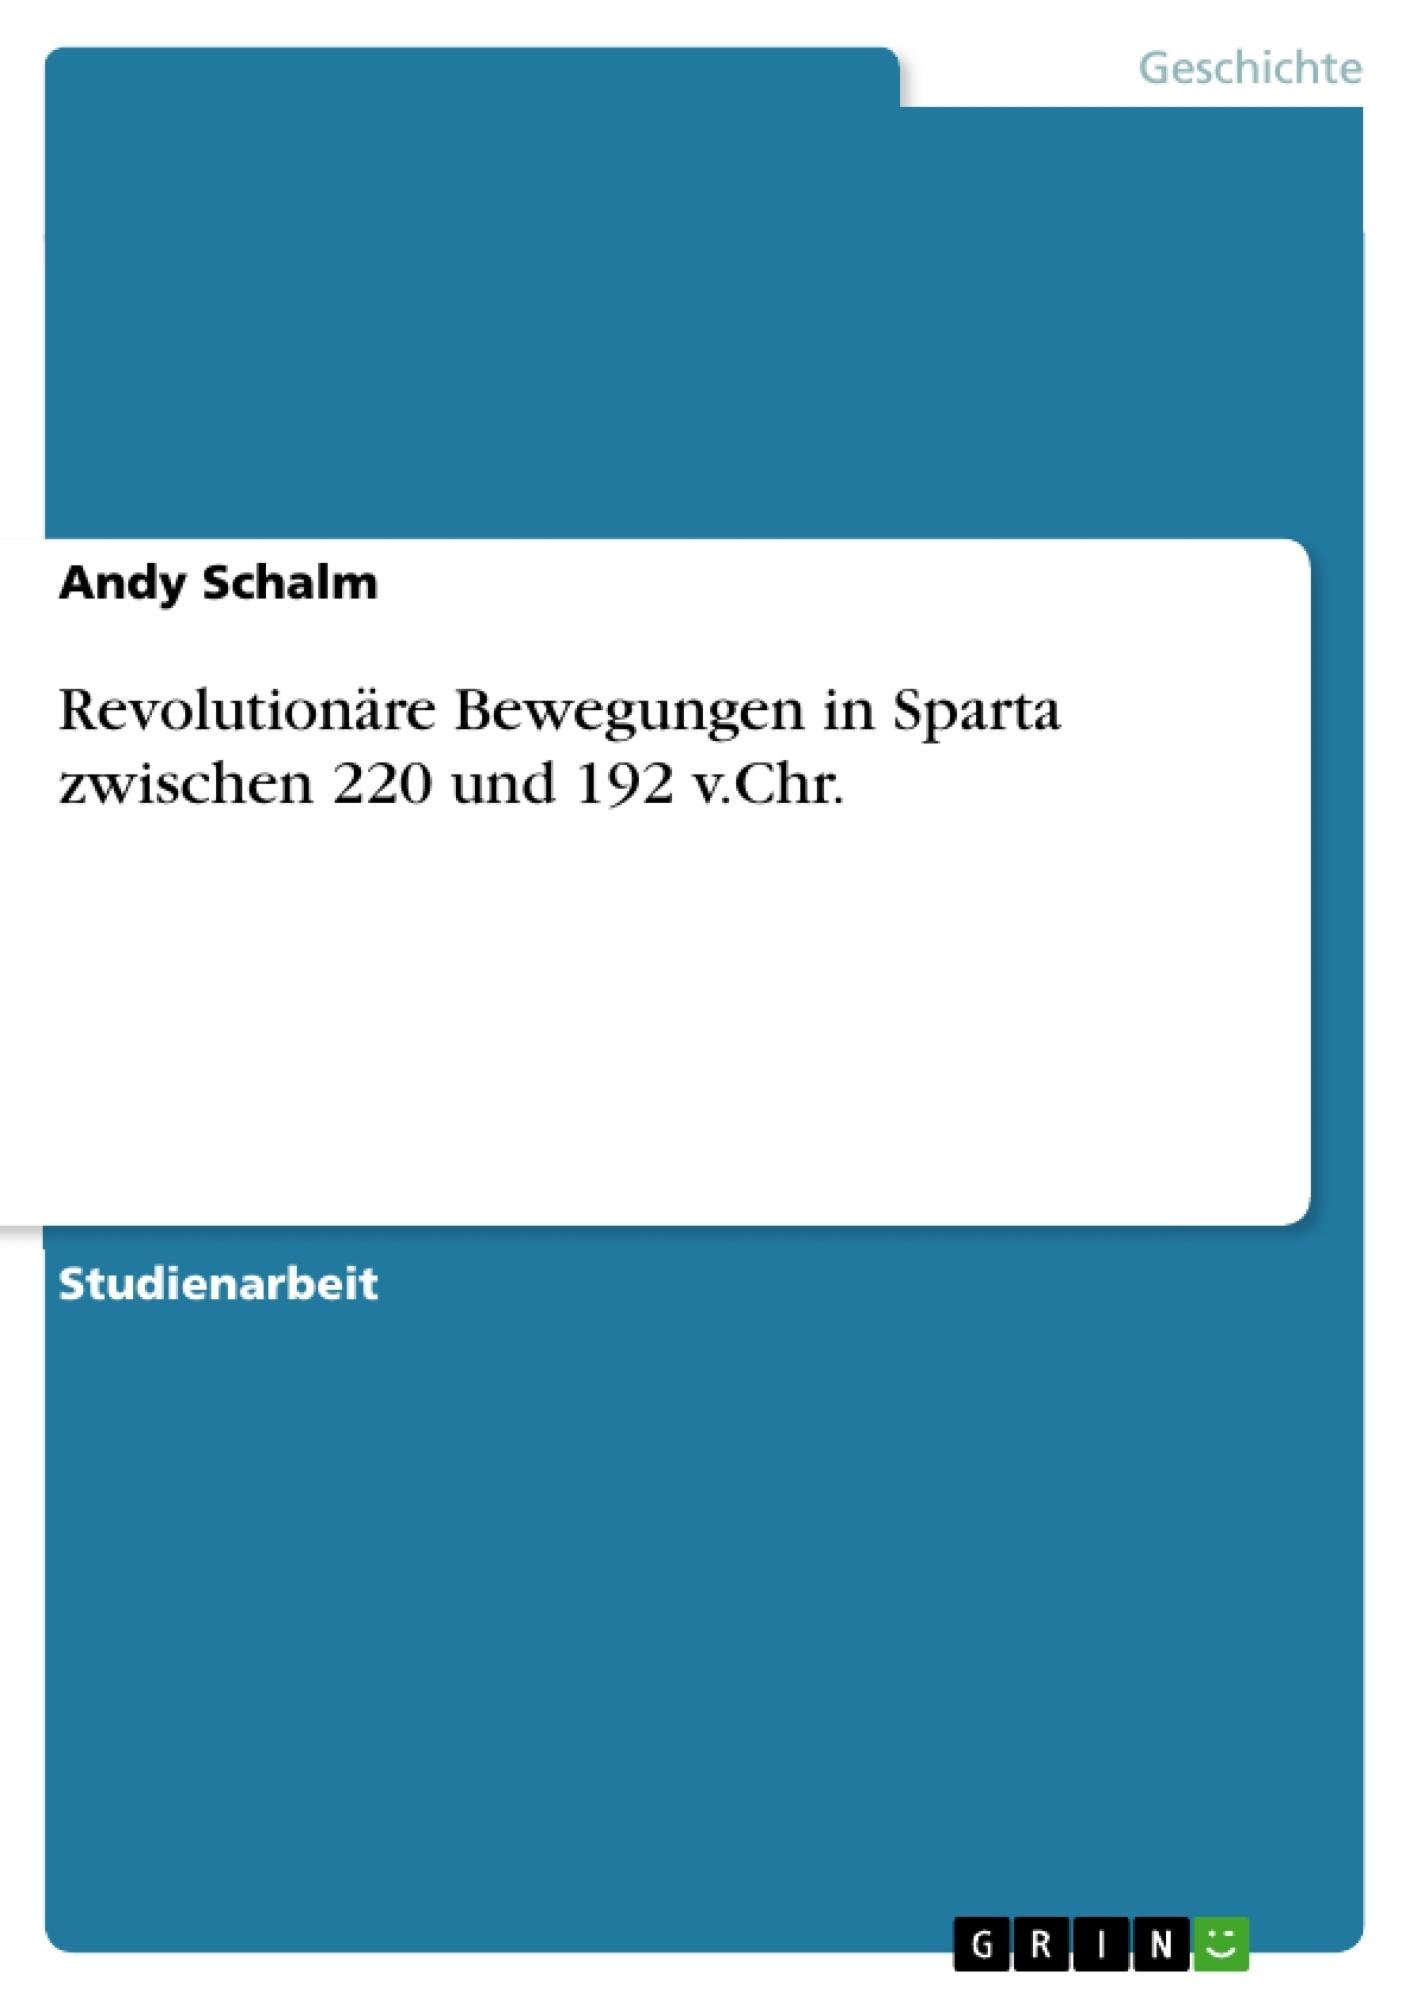 Titel: Revolutionäre Bewegungen in Sparta zwischen 220 und 192 v.Chr.